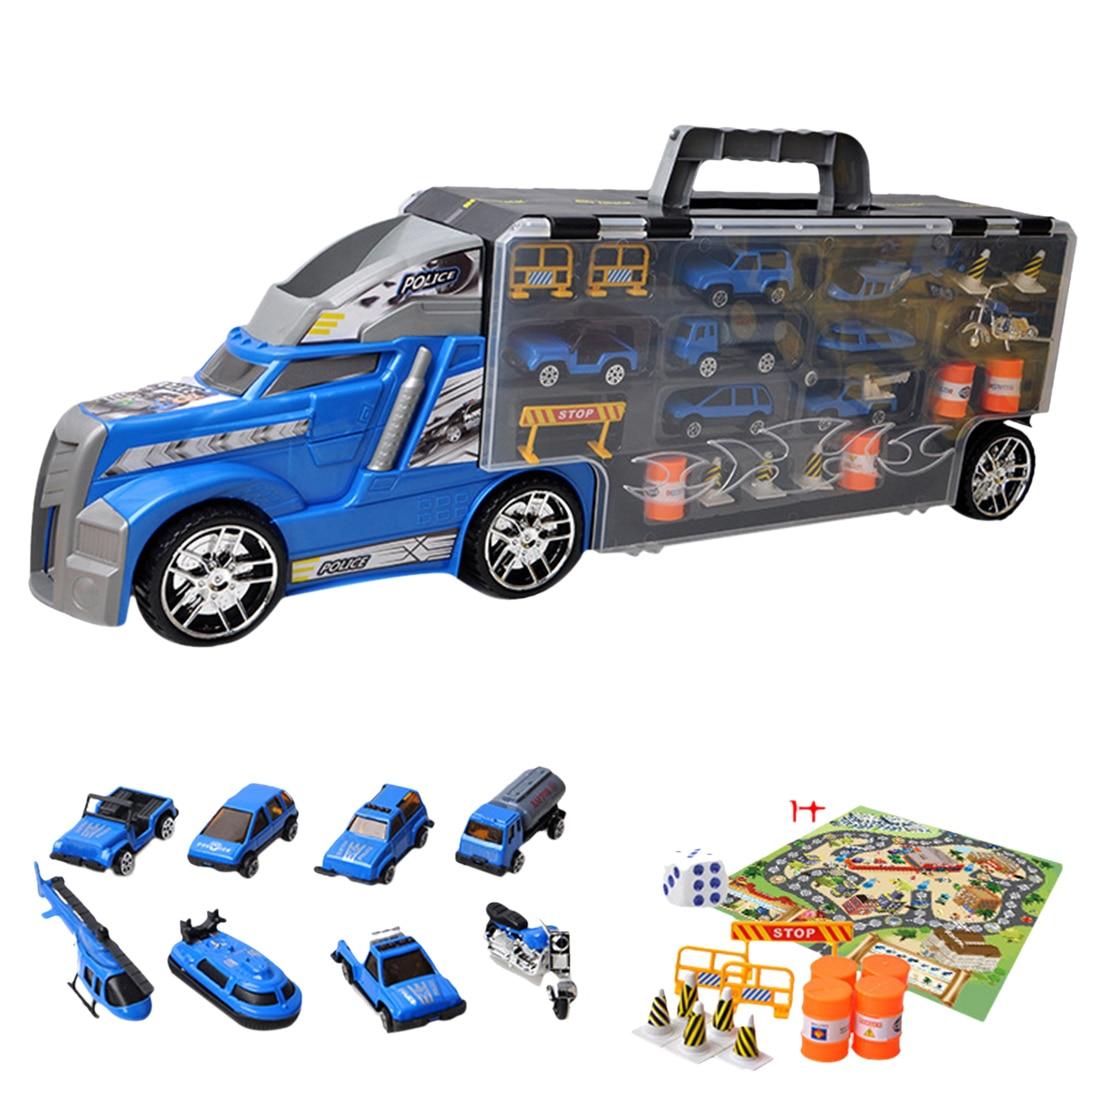 1 ensemble Portable conteneur camion Simulation voiture conteneur camion avec alliage petit véhicule jouets ensemble pour enfants 2018 nouveauté